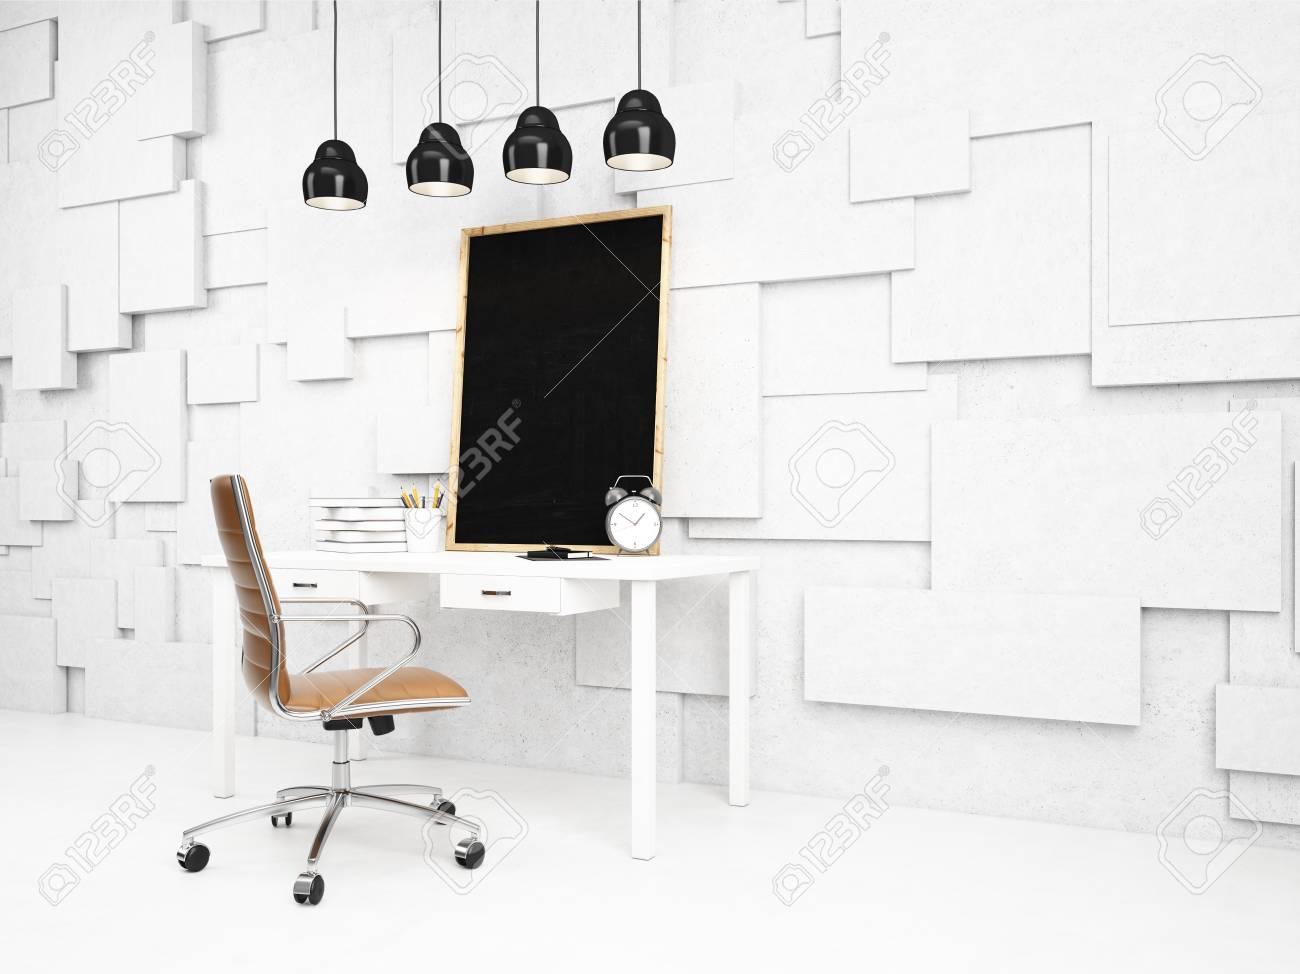 Un Lugar De Trabajo Con Una Pizarra En Un Marco Blanco, Agendas ...